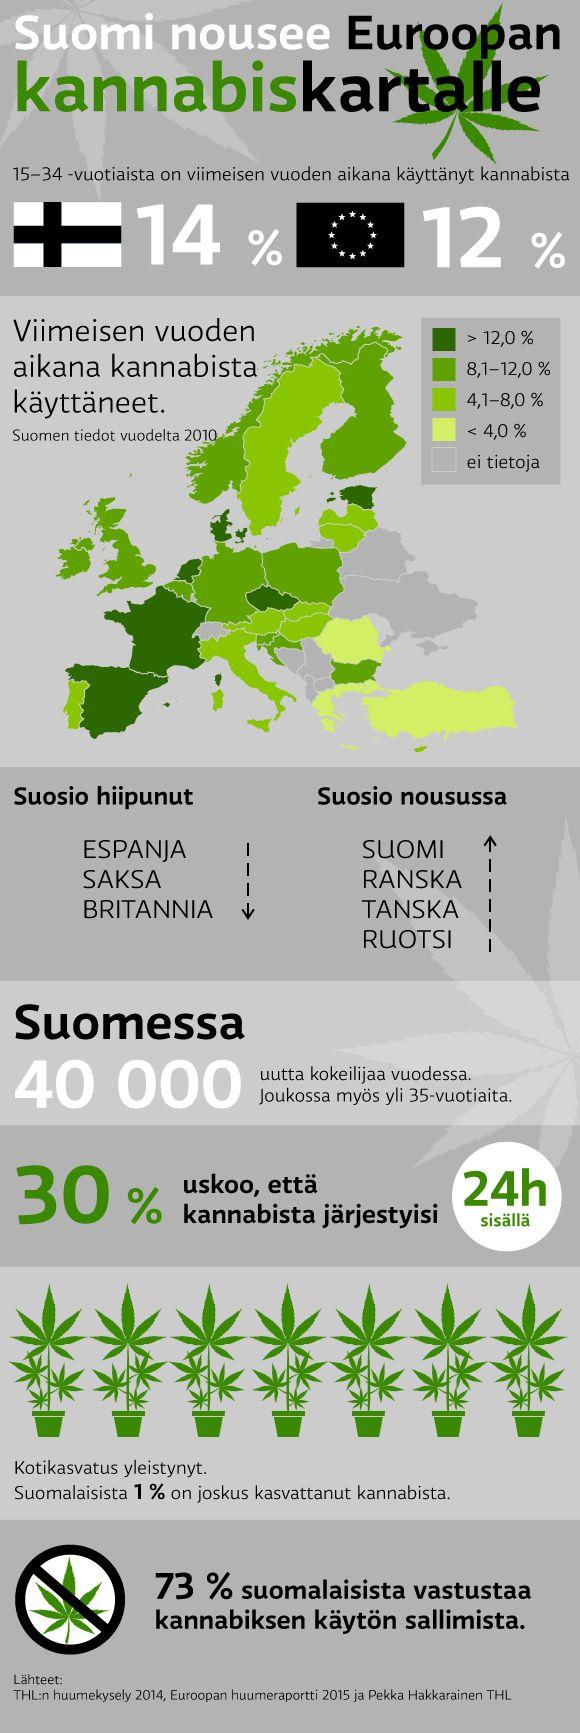 Suomi nousee kannabis-kartalle -infografiikka